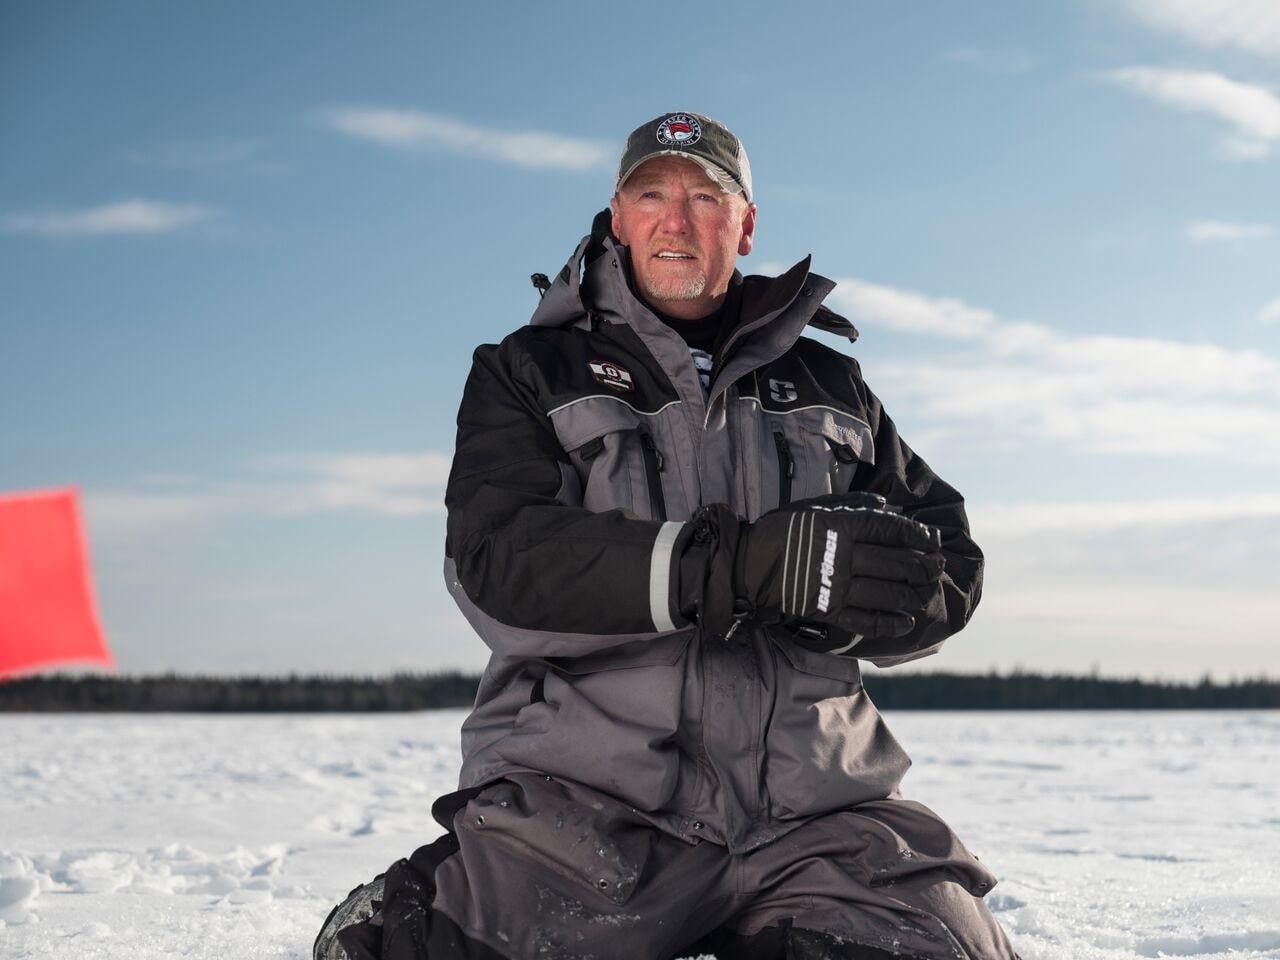 Kurt Walbeck CEO of Outdoor Bound TV